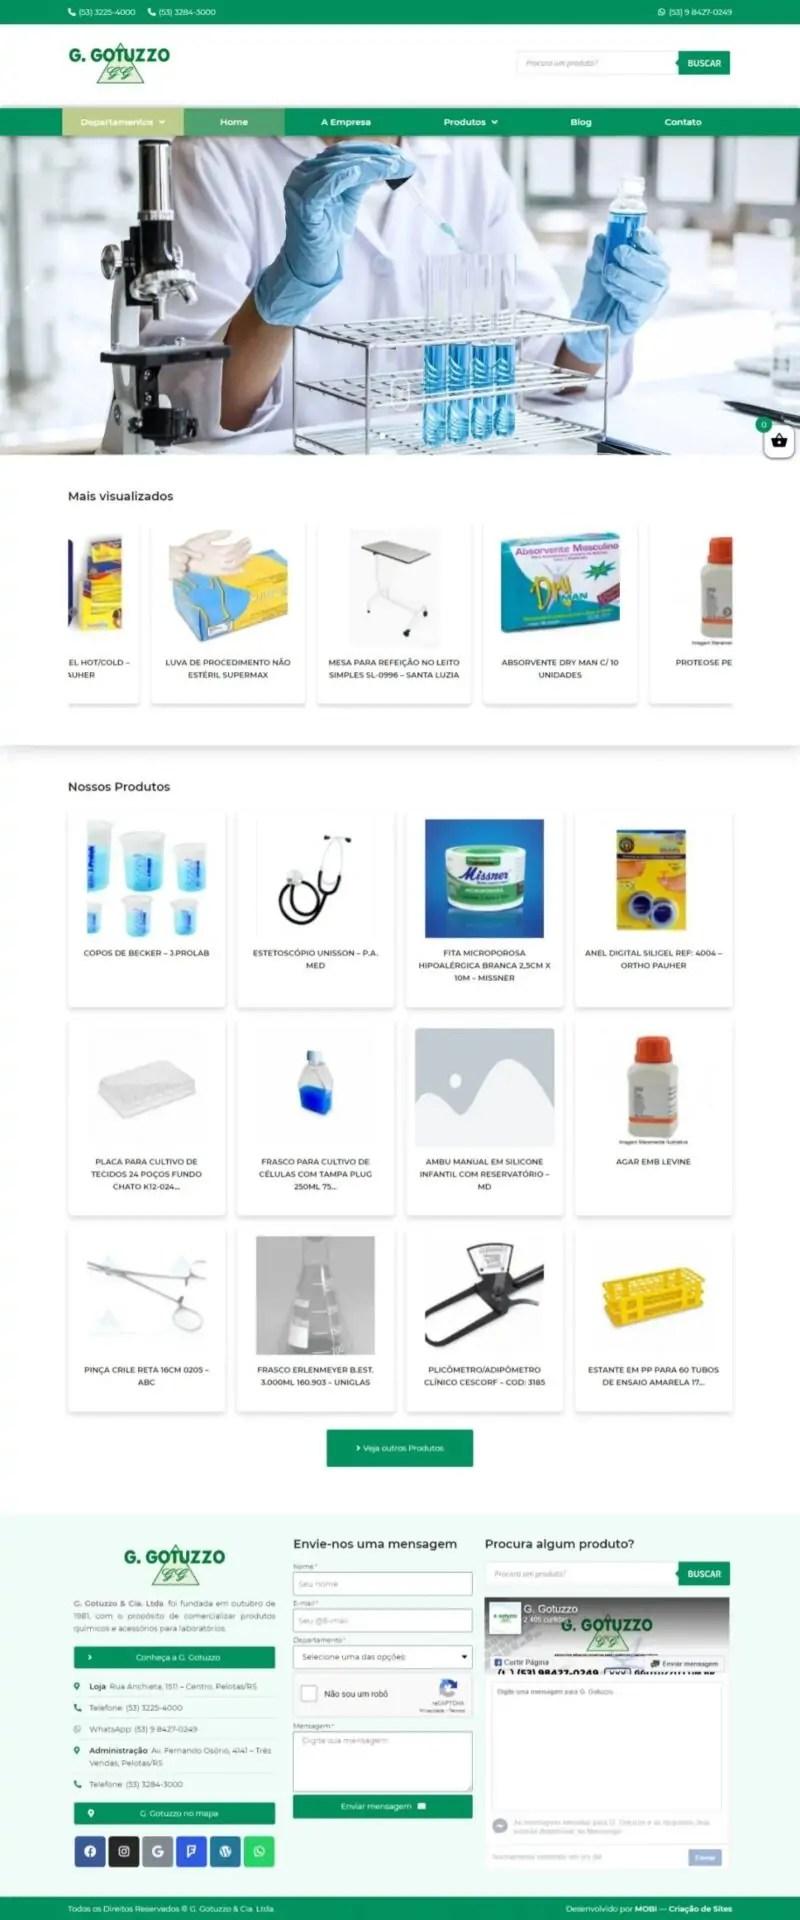 Captura da Web_8-2-2021_18401_www.ggotuzzo.com.br